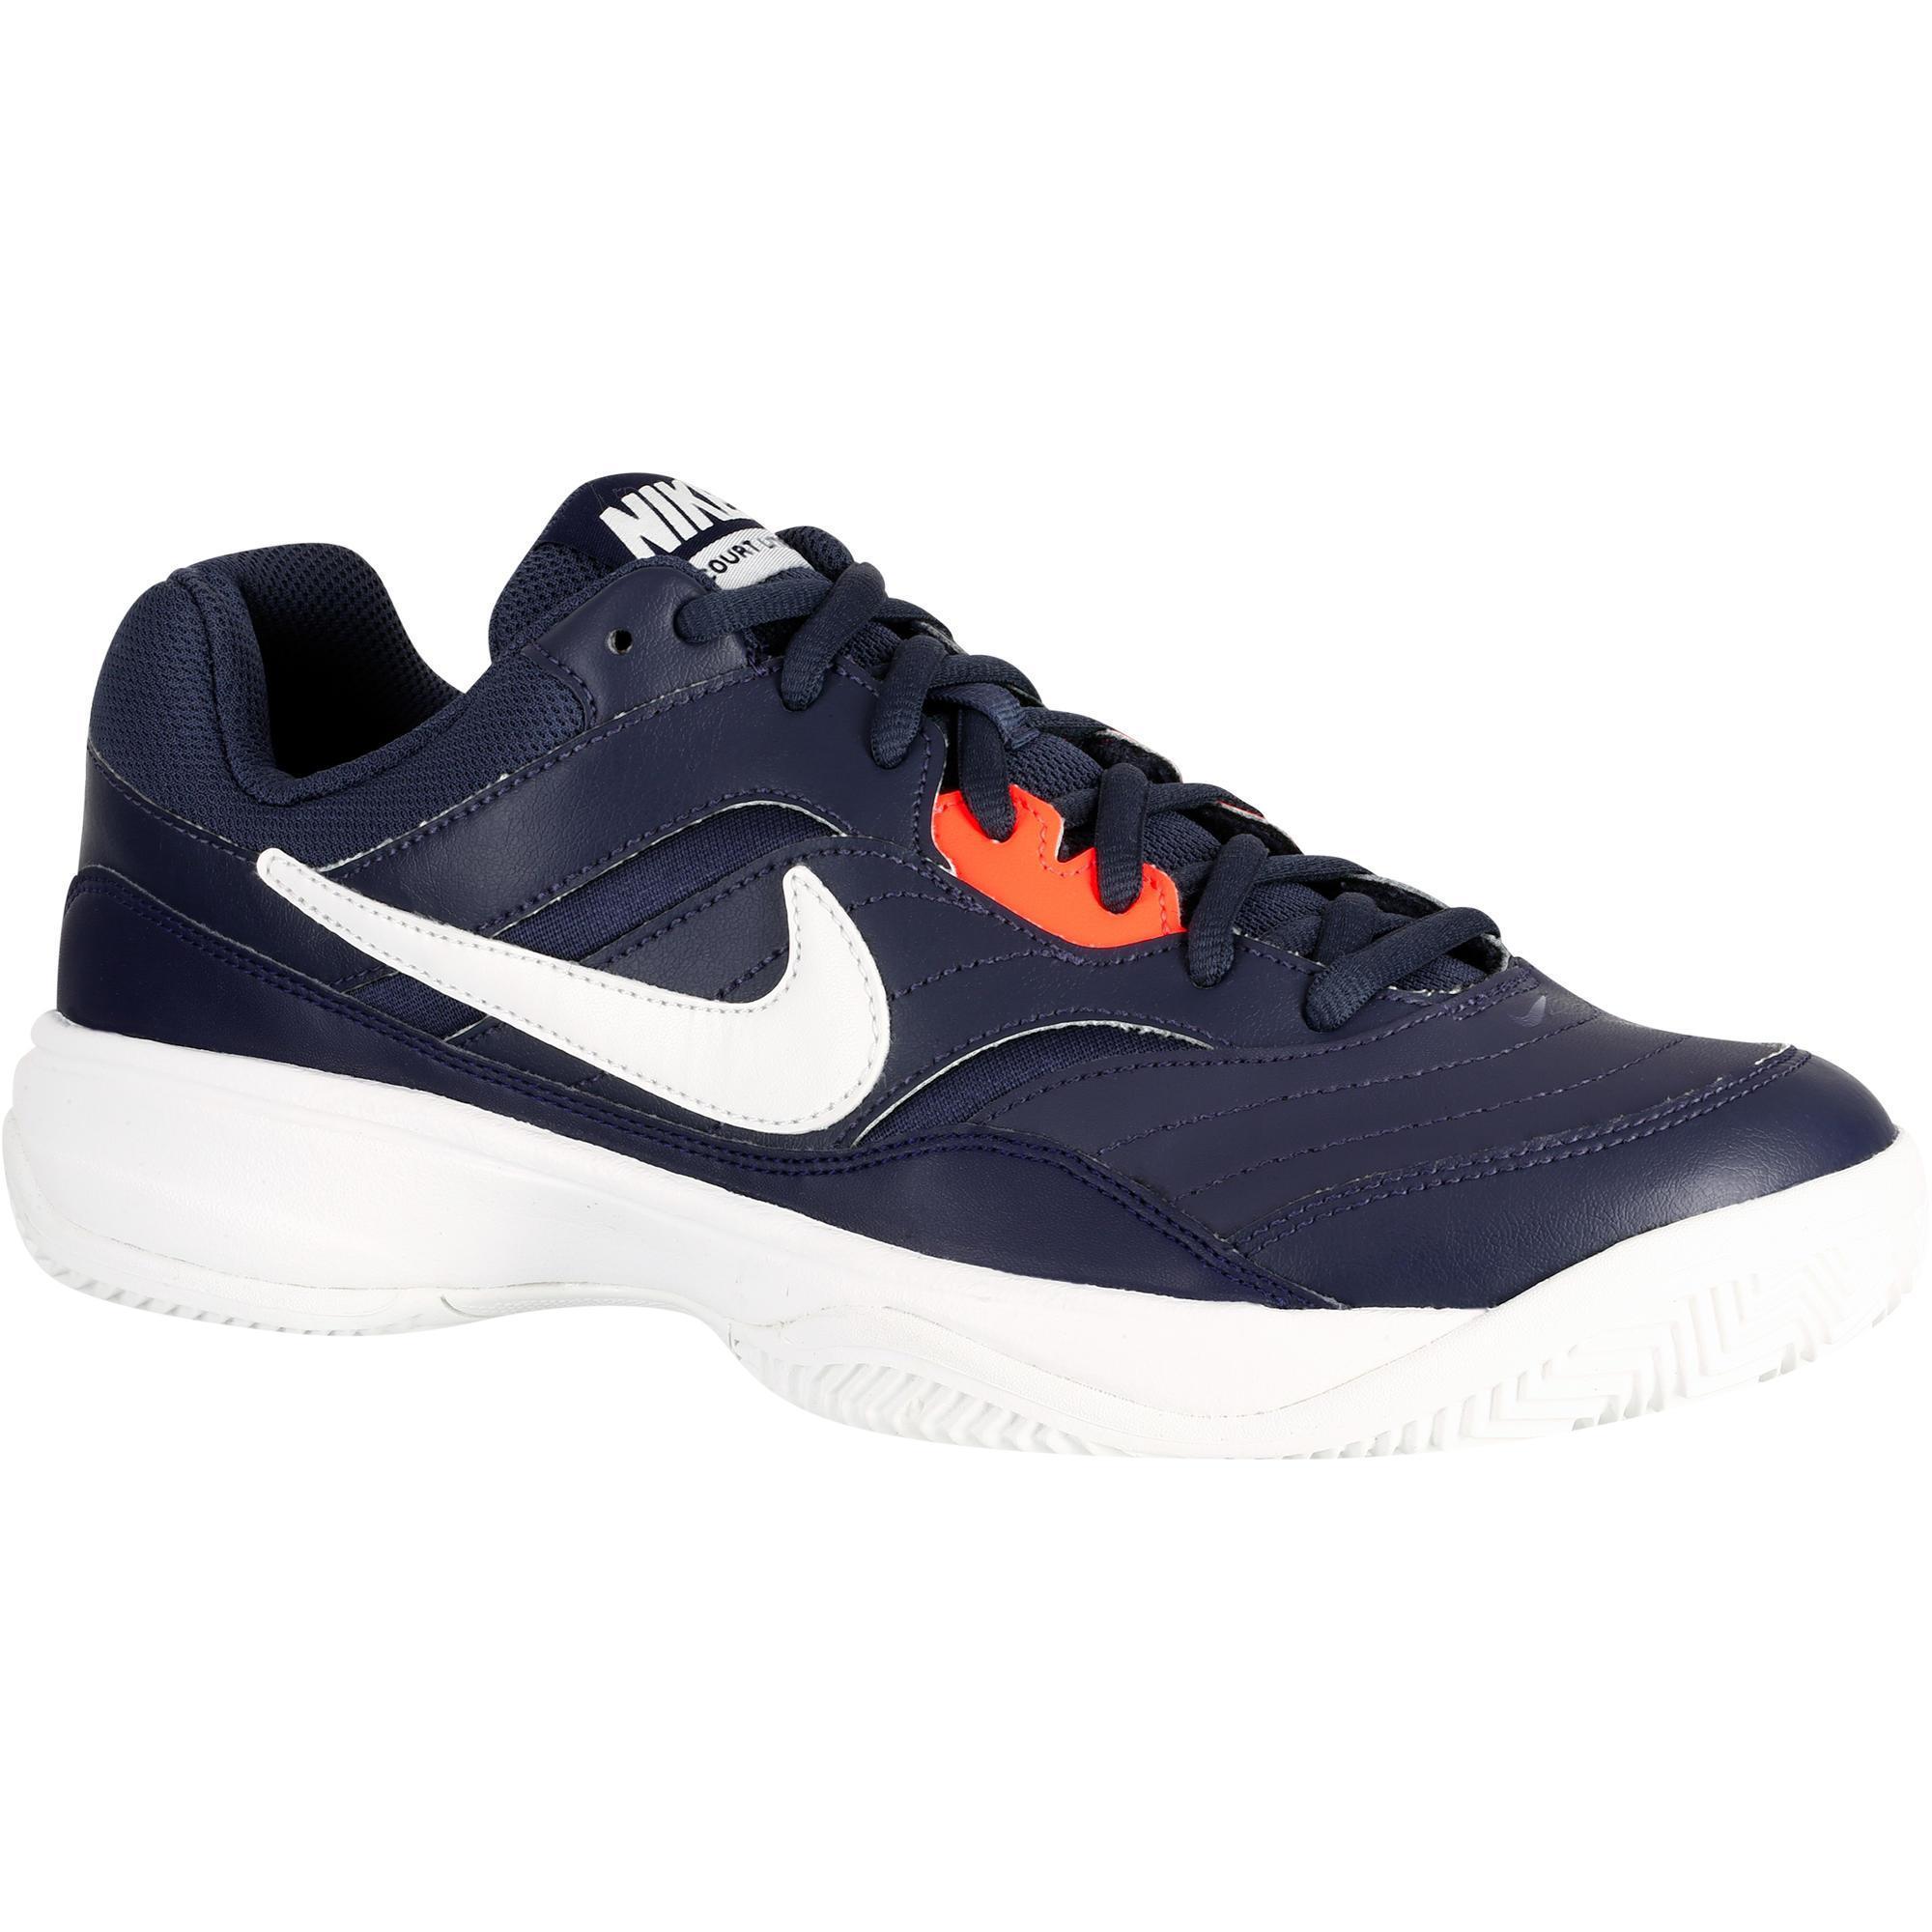 5100b21ae90 Comprar Zapatillas y calzado de tenis hombre